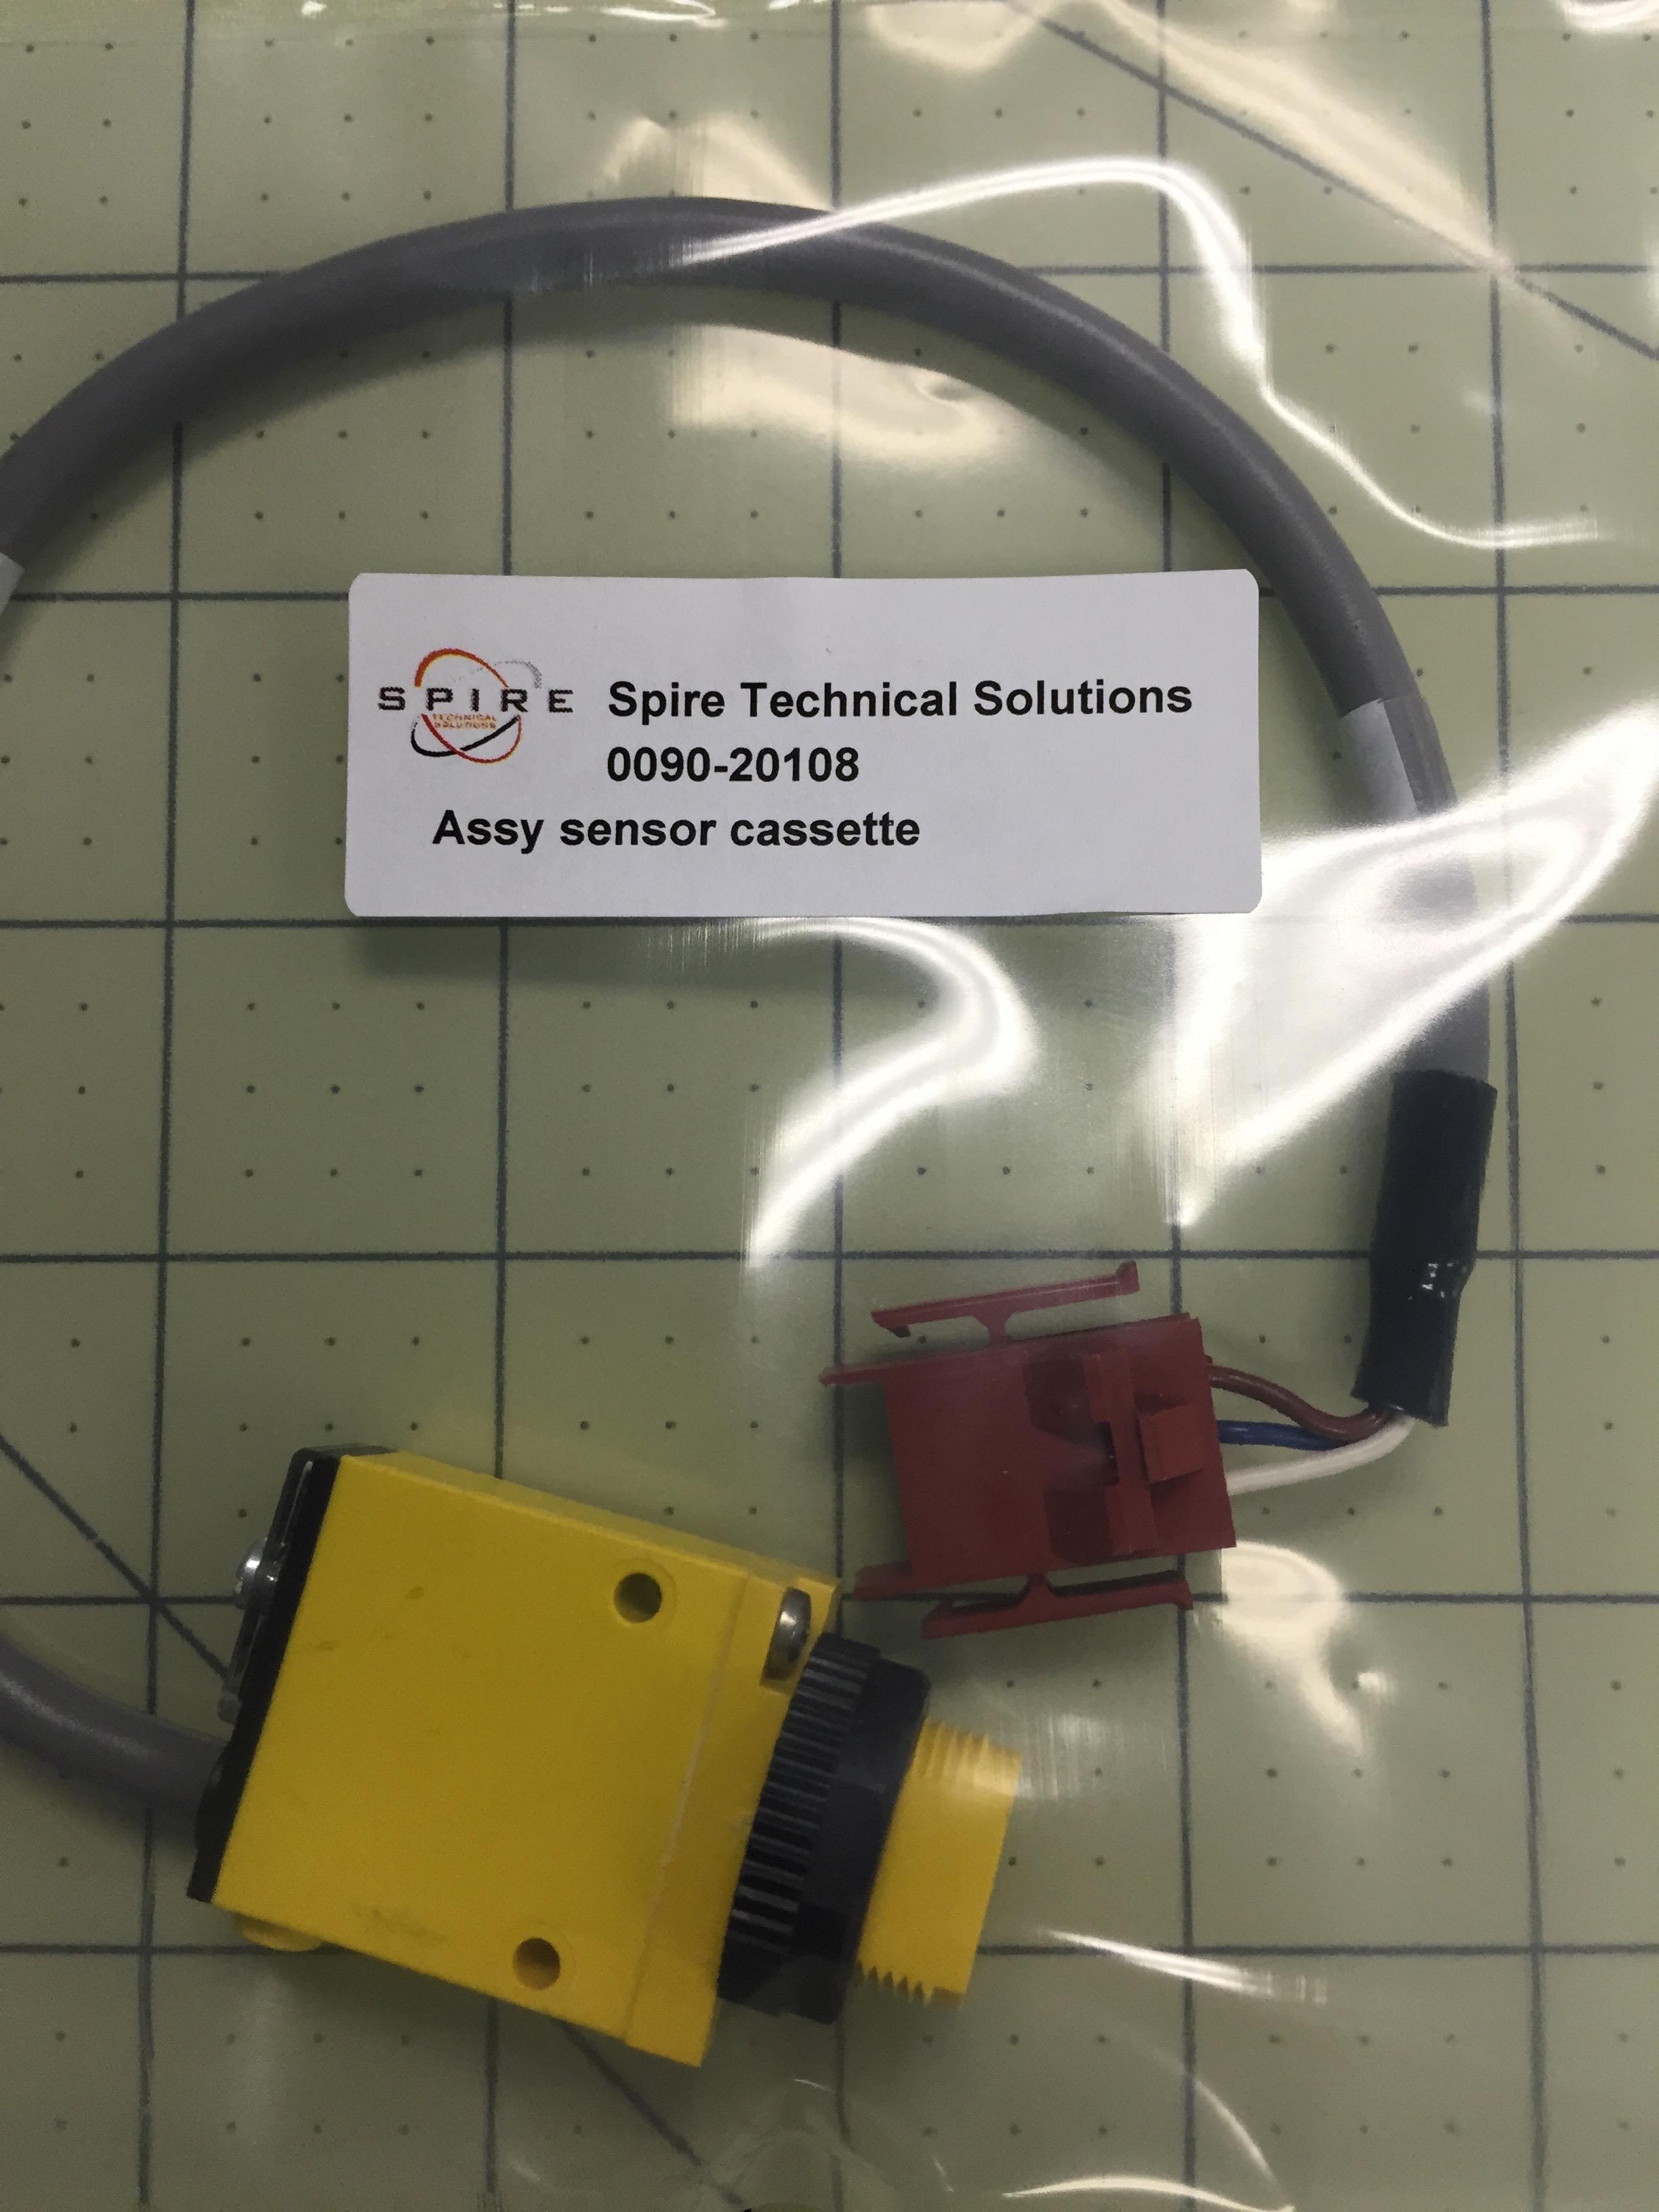 Assy sensor cassette